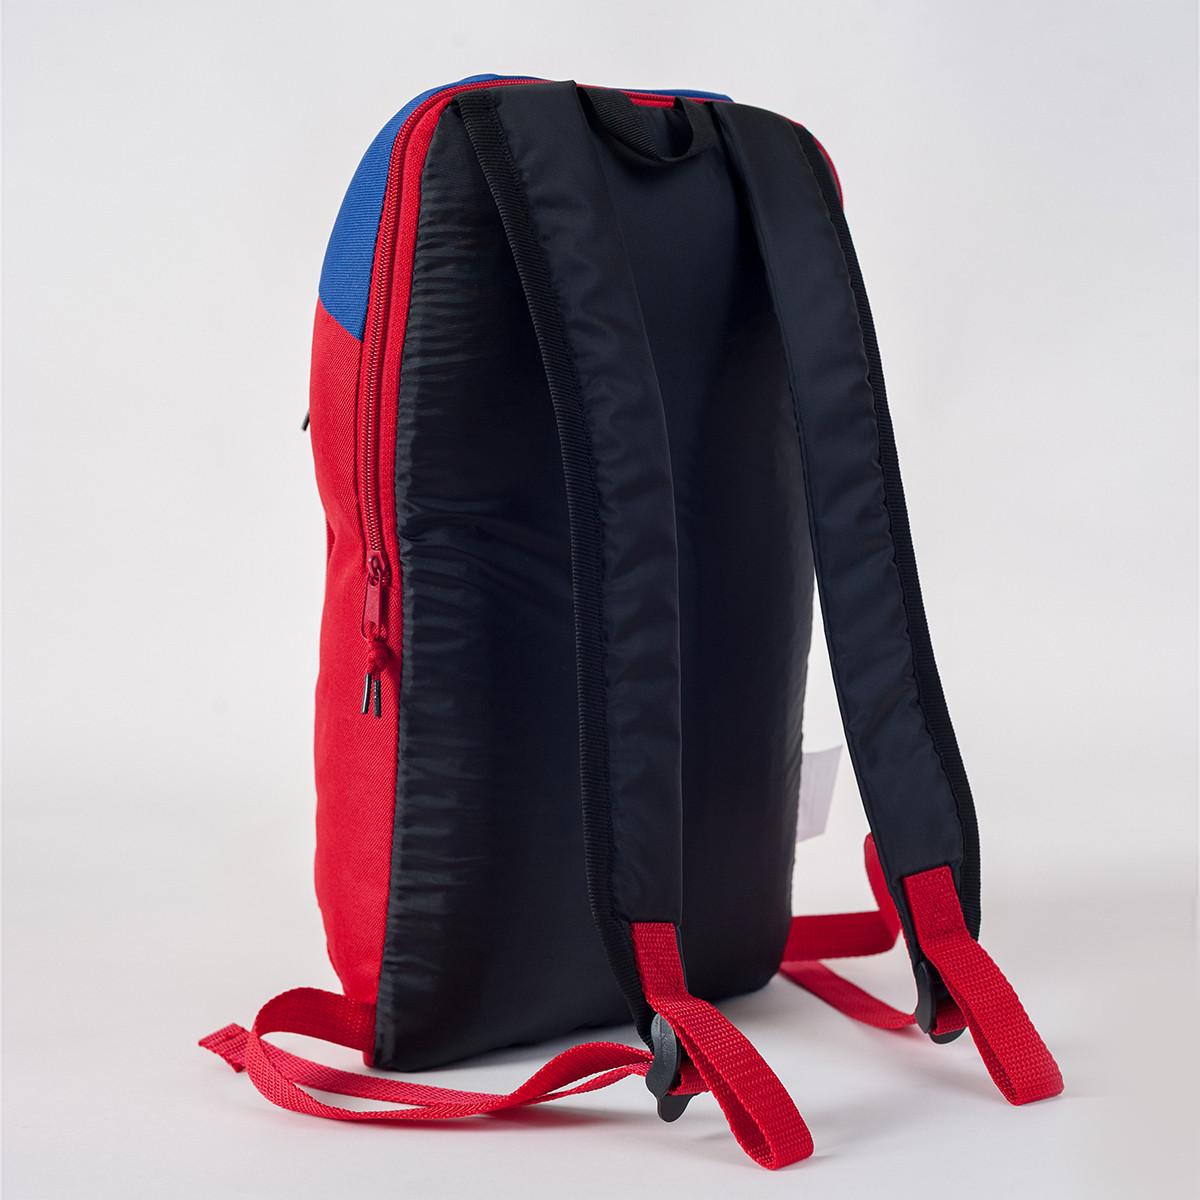 Спортивный рюкзак MAYERS 10L, красный + синий, фото 3